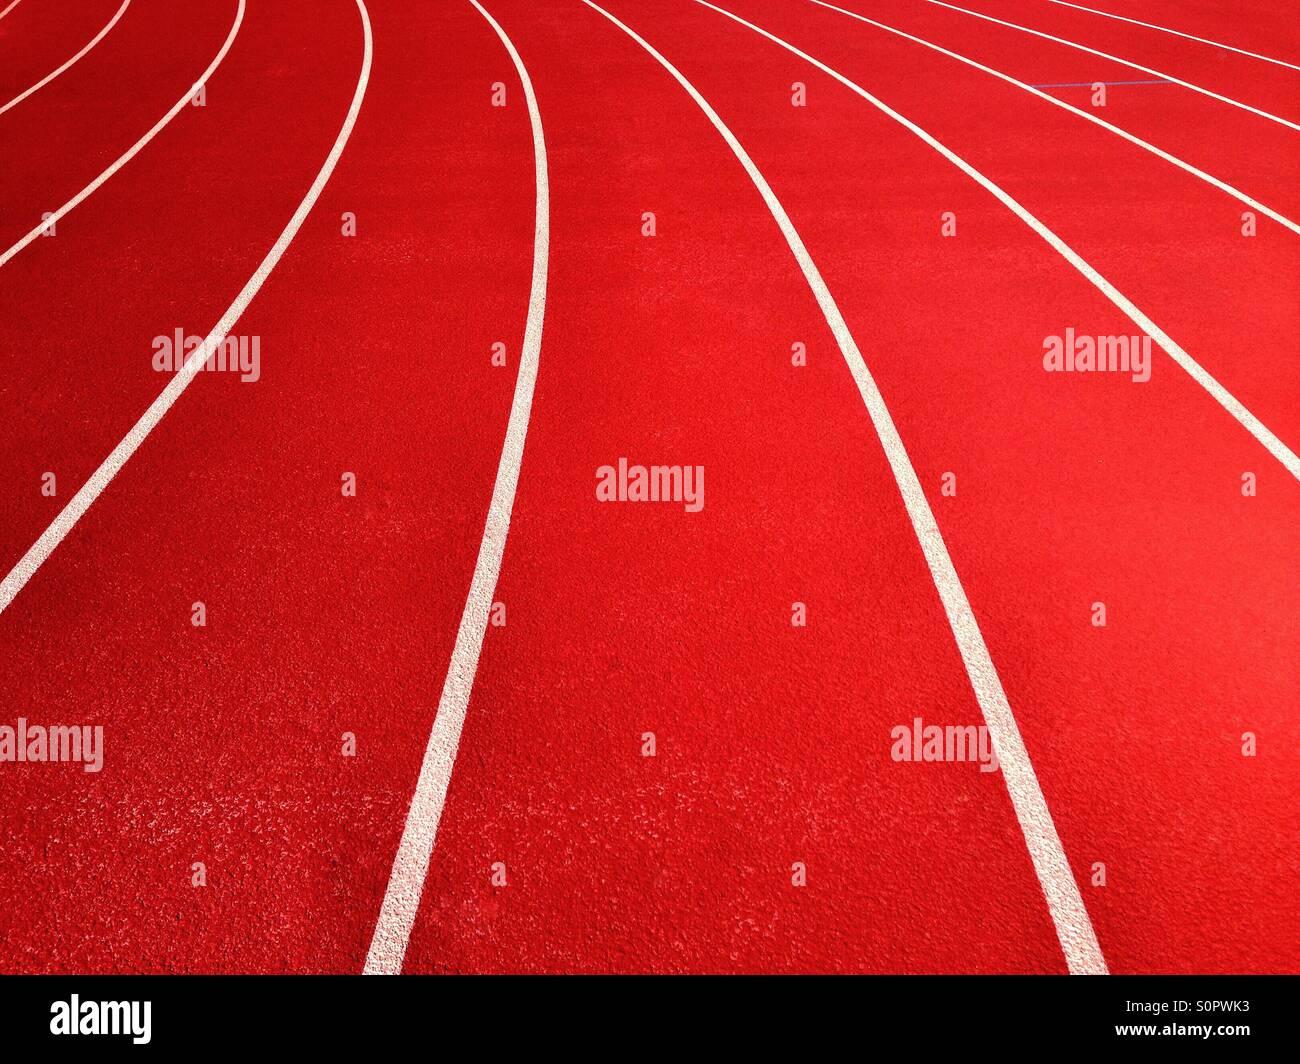 Lignes sur une piste de course sur terrain de sport Photo Stock